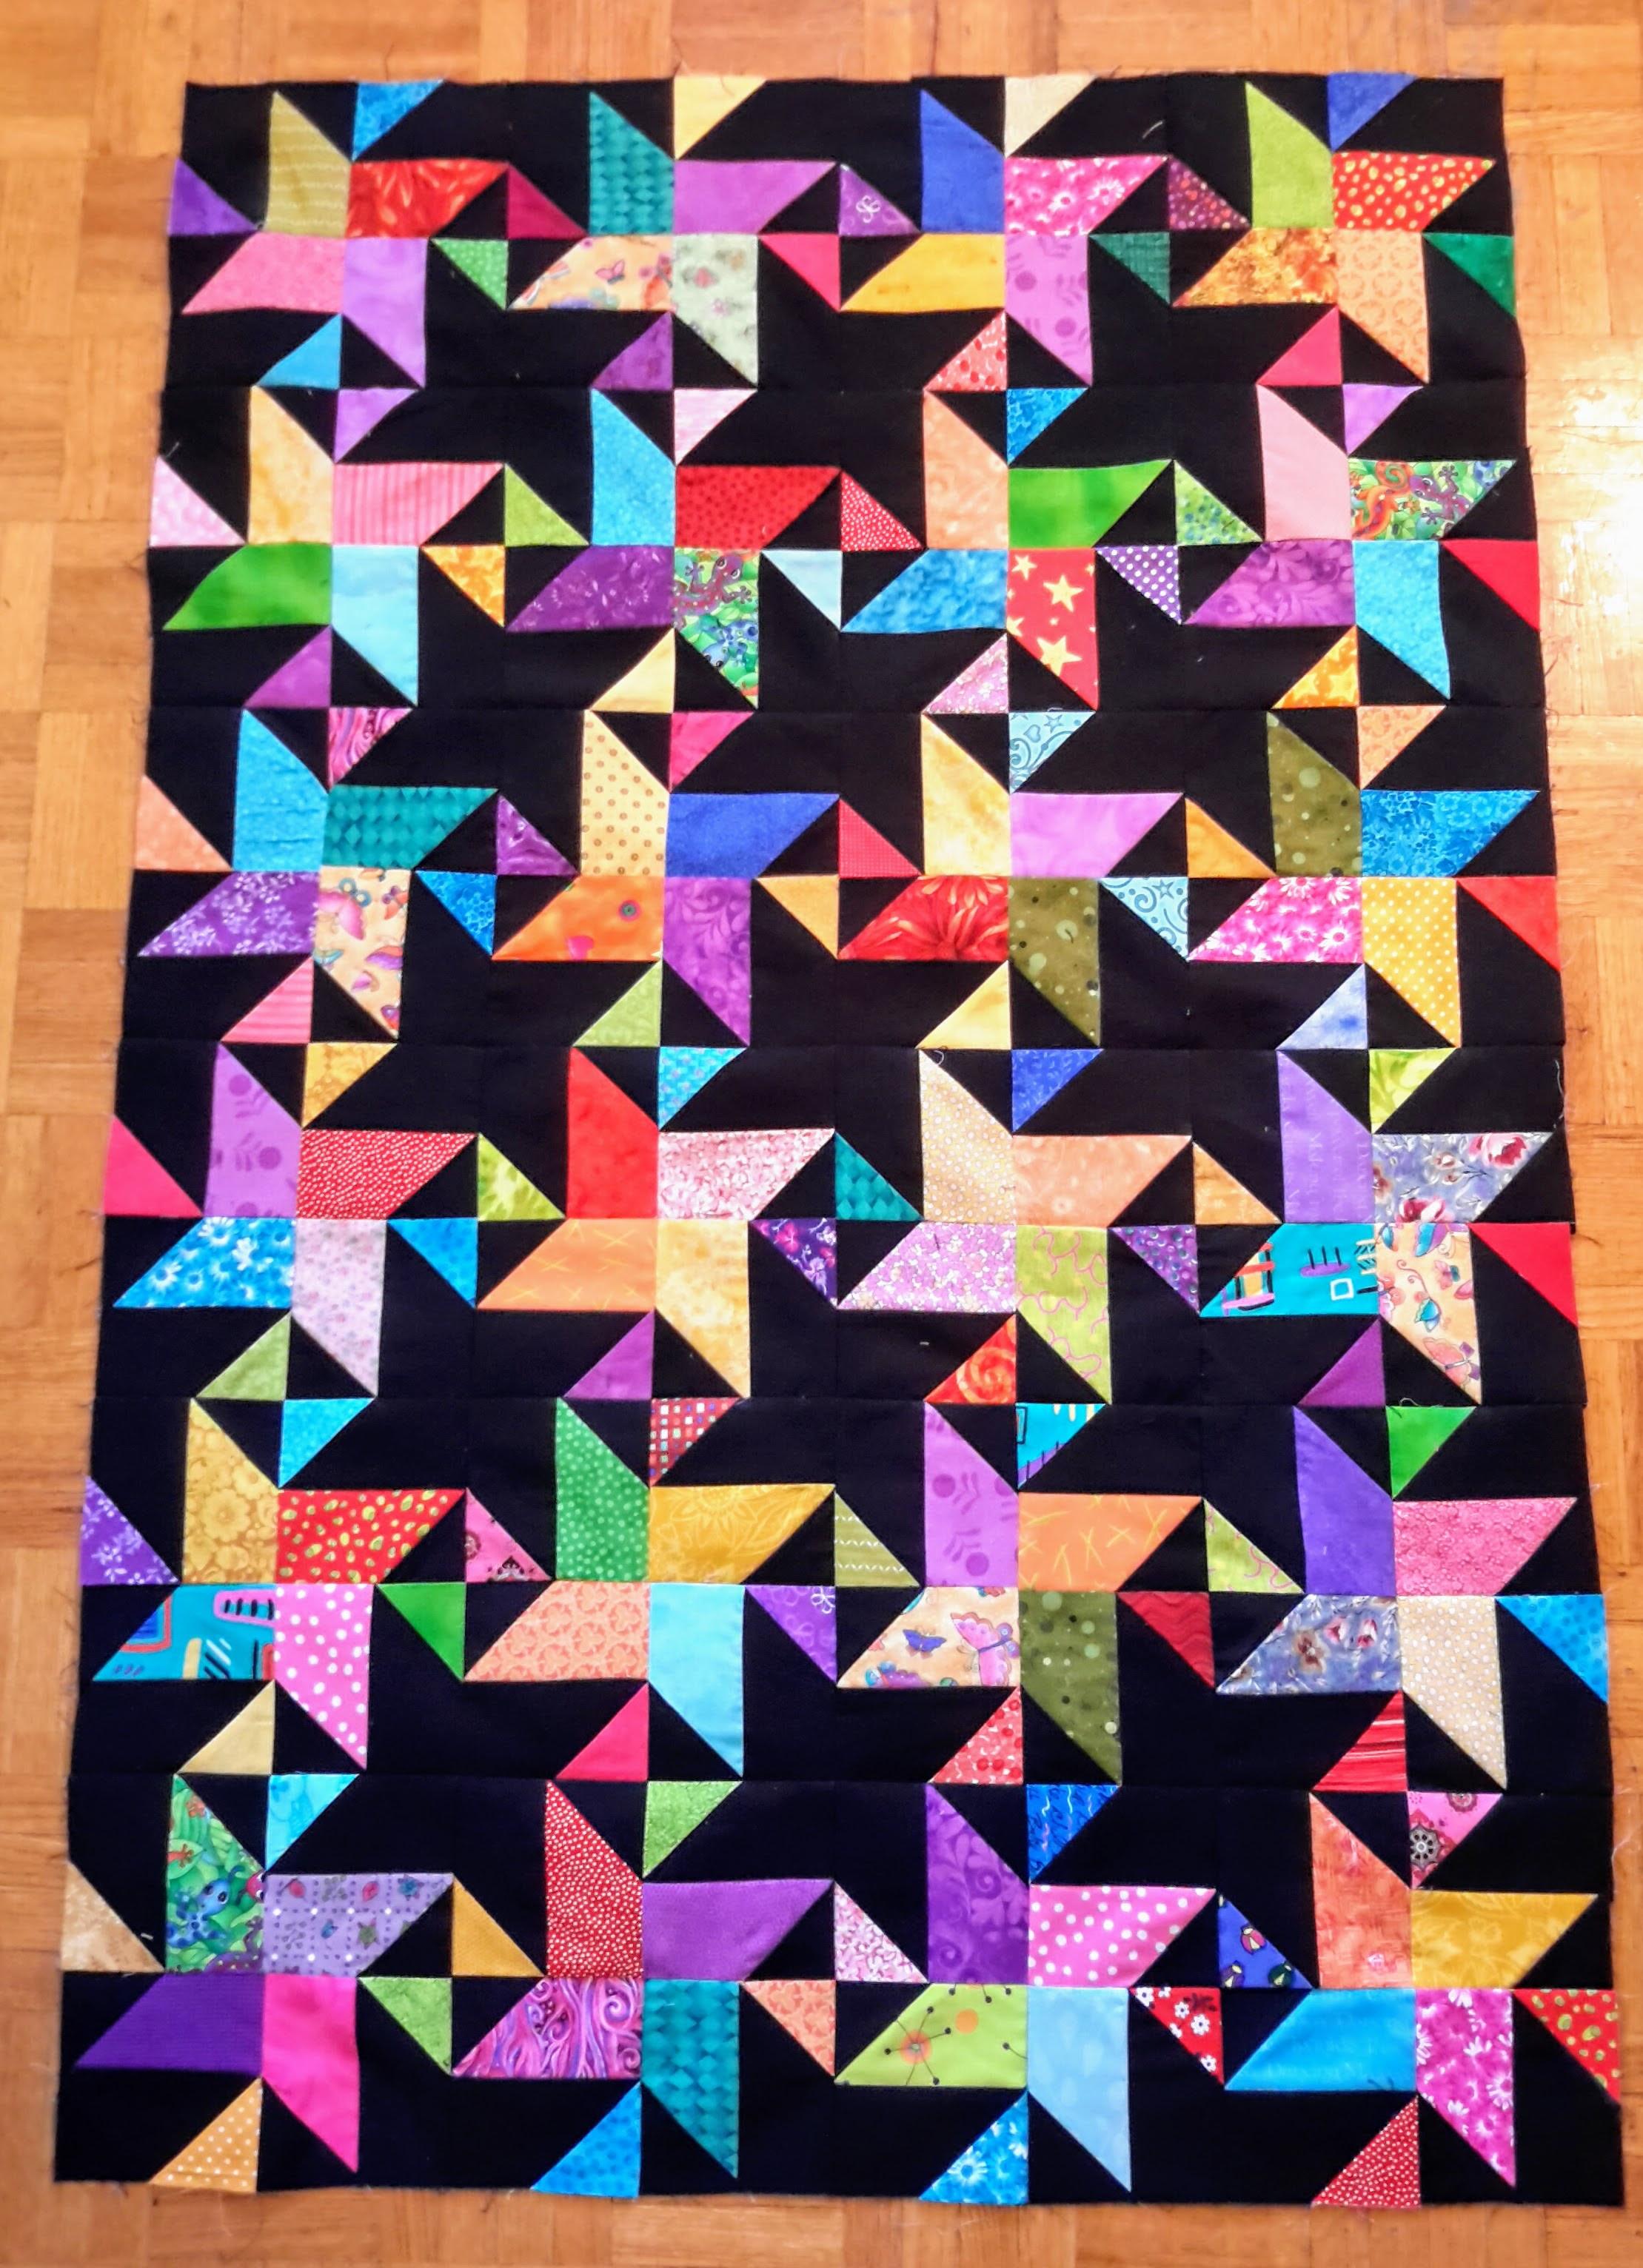 starstruck quilt, bonnie hunter, scrappy quilt